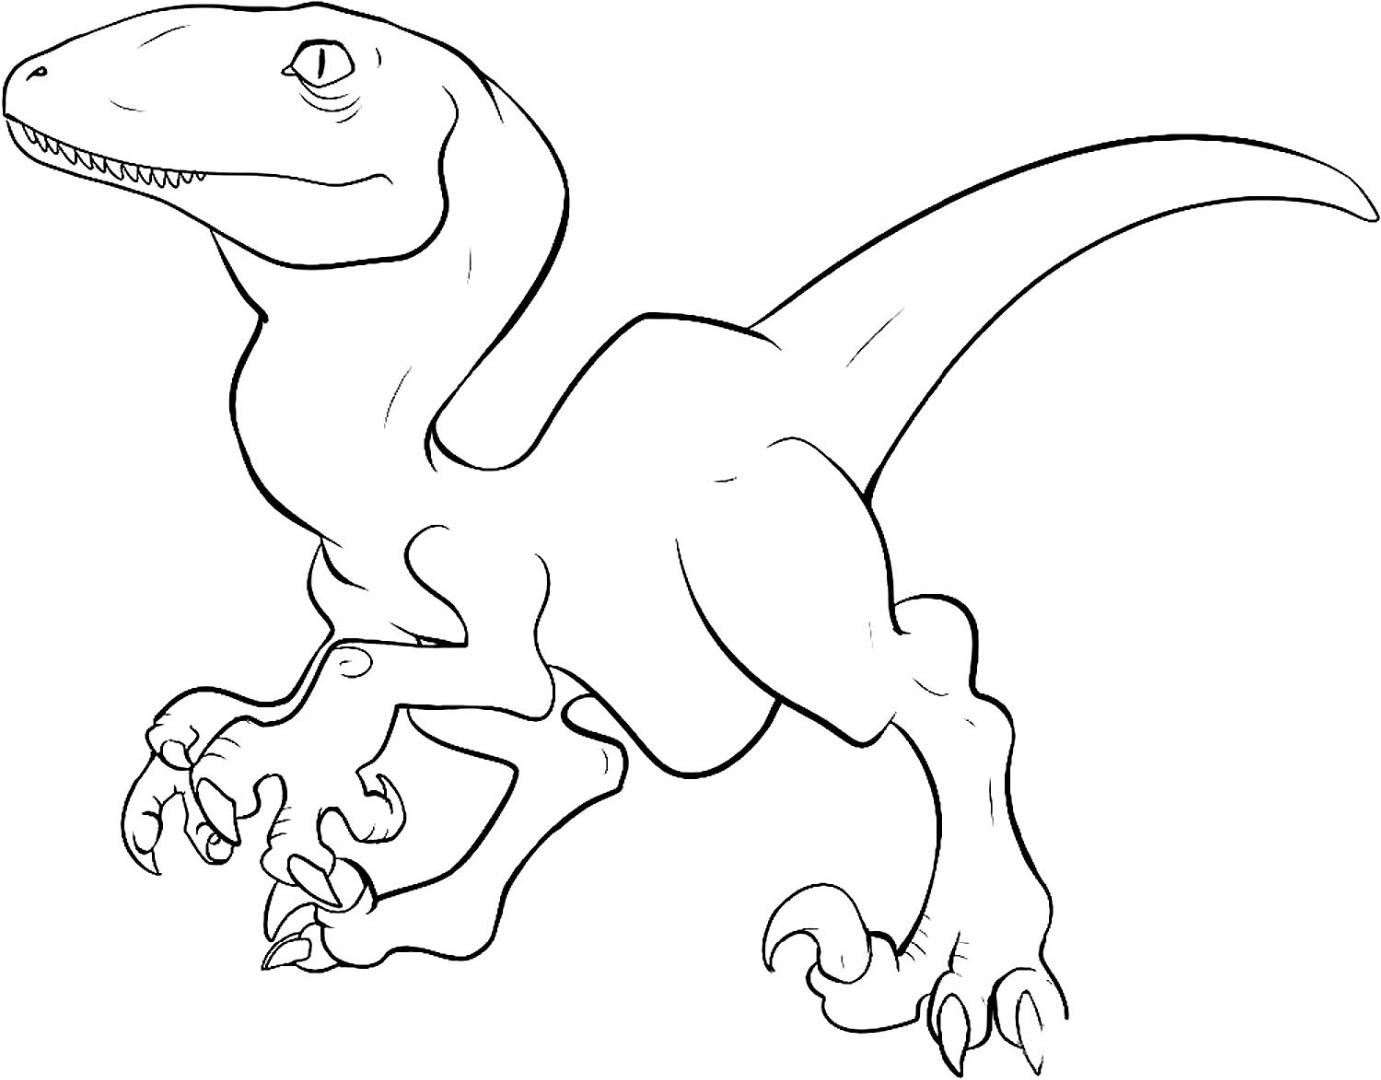 картинки динозавров поэтапно карандашом для дочь